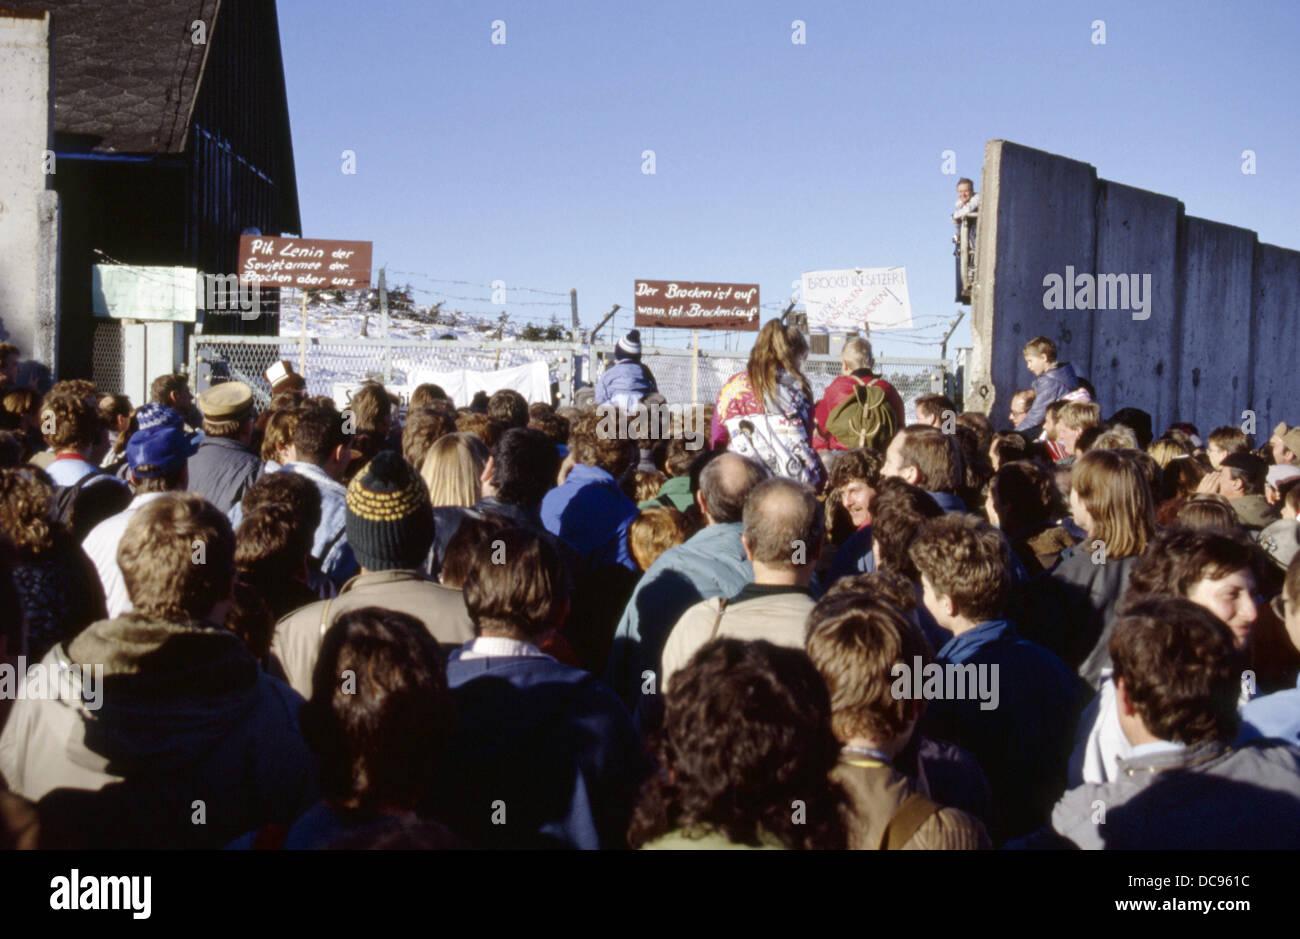 Am 3. Dezember 1989 stehen Hunderte von Demonstranten die Widerhaken ...